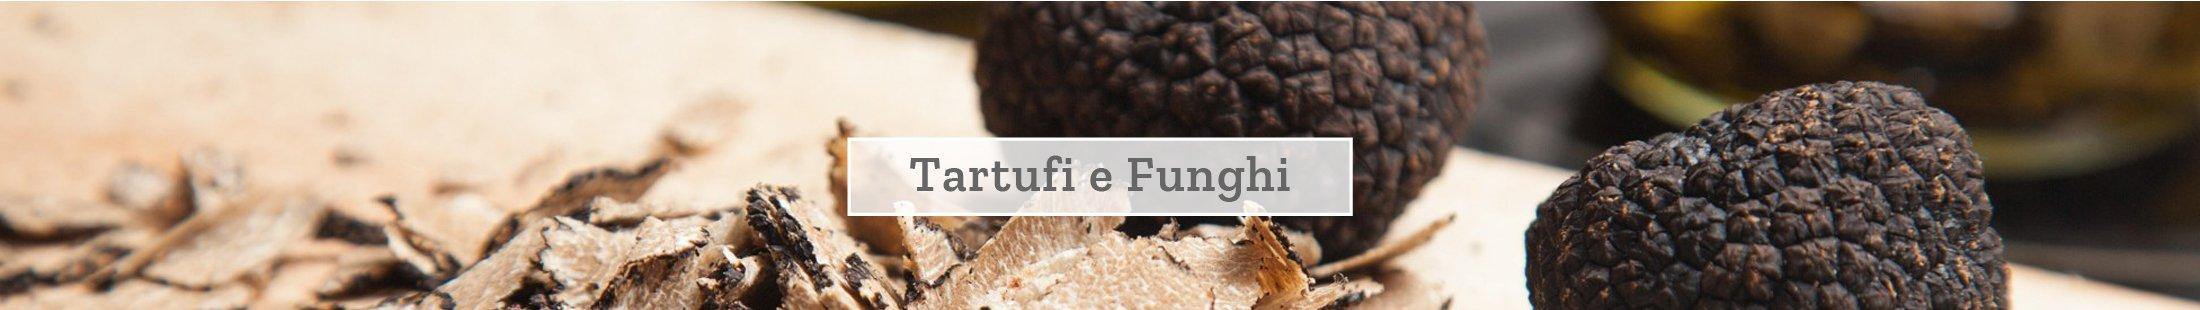 Tartufi e funghi